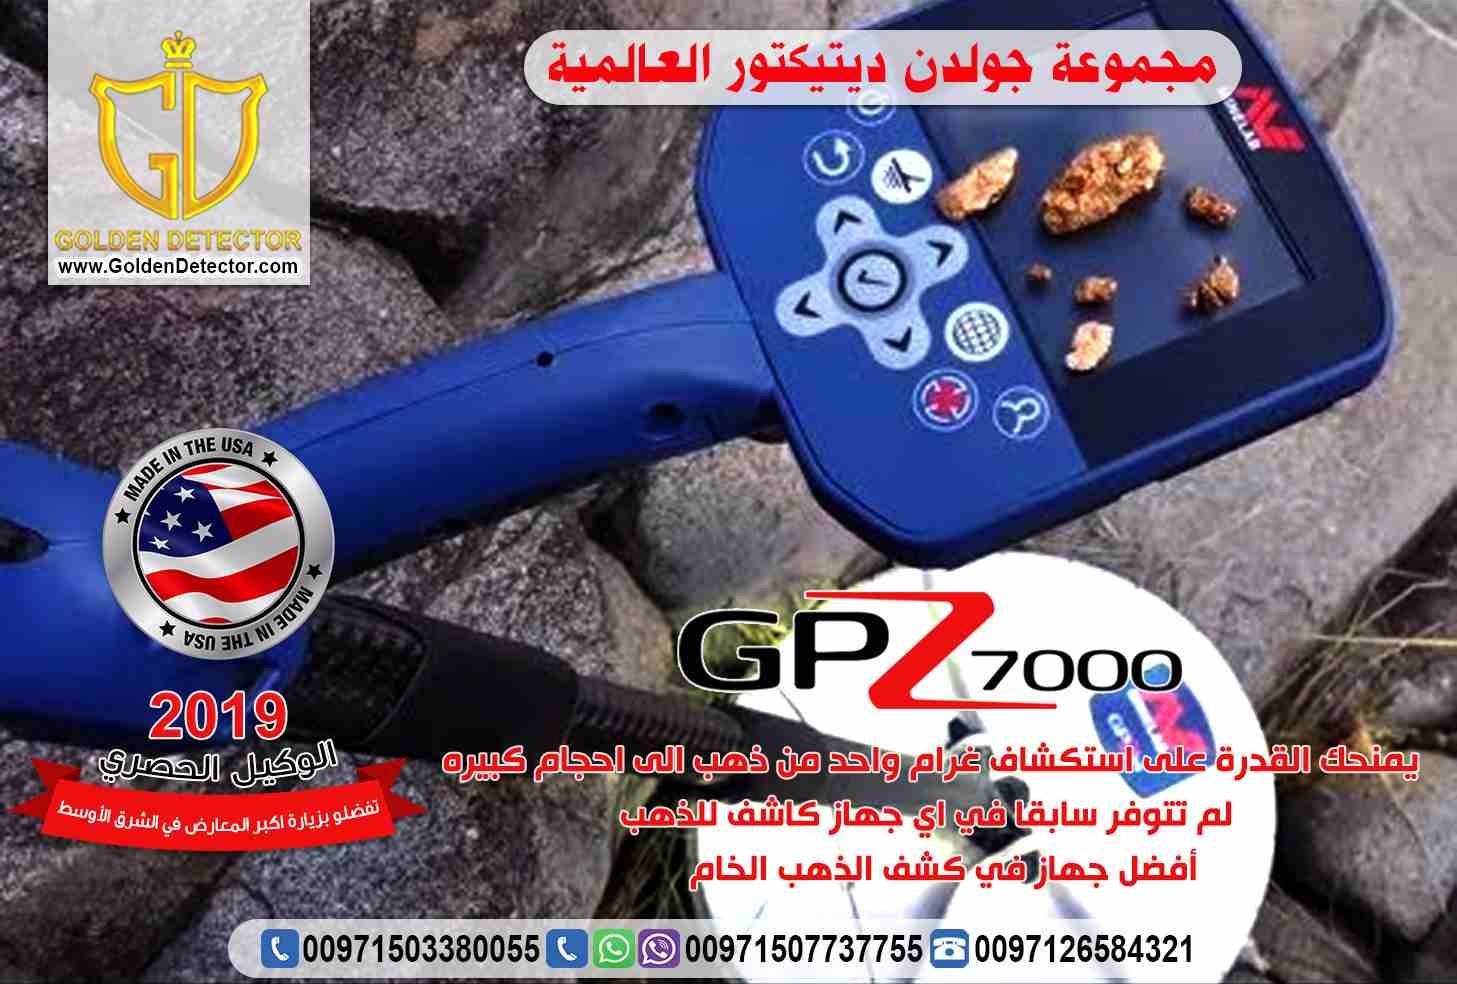 جهاز جي بي زد GPZ 7000لكشف الذهب والمعادن من جولدن ديتيكتور الأن و...